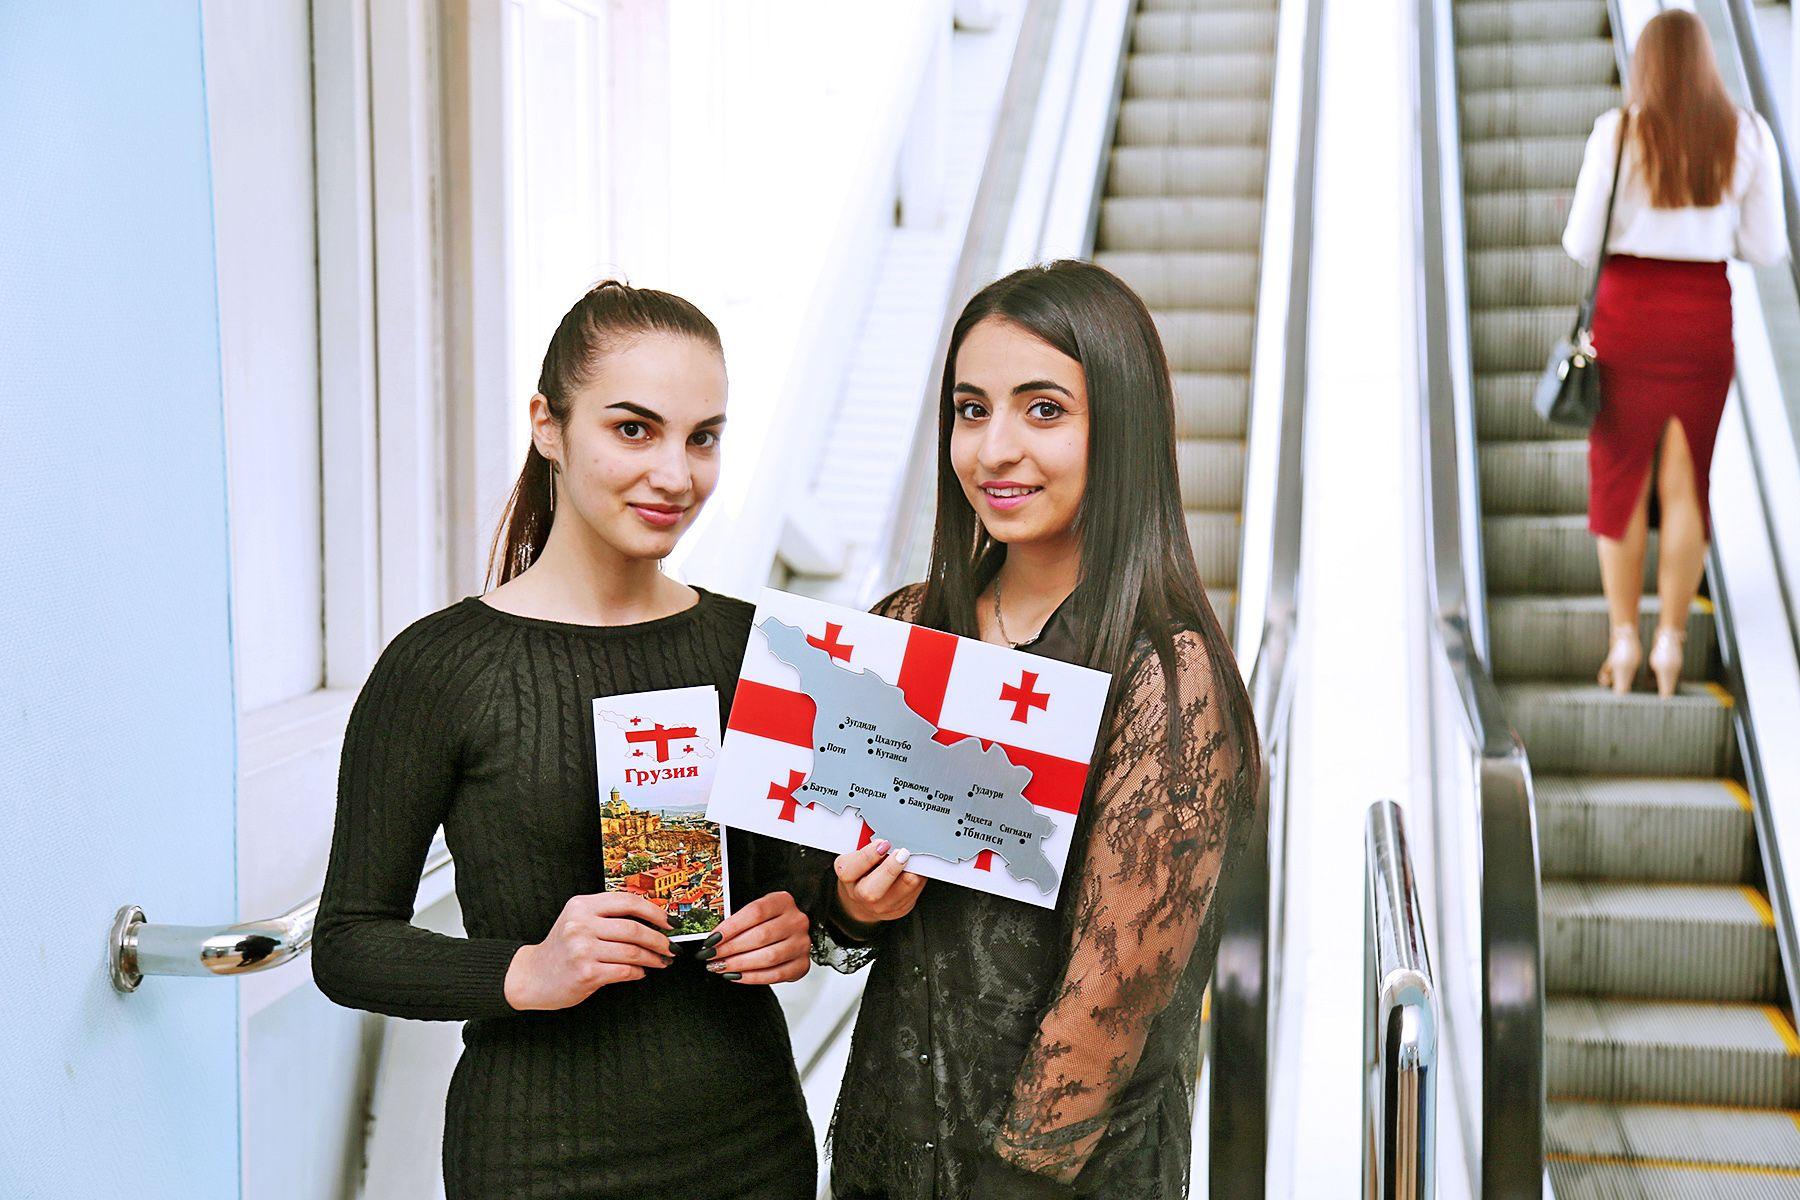 Объявлен старт IV Всероссийской олимпиады по сервису, туризму и гостиничной деятельности для школьников и студентов ВГУЭС